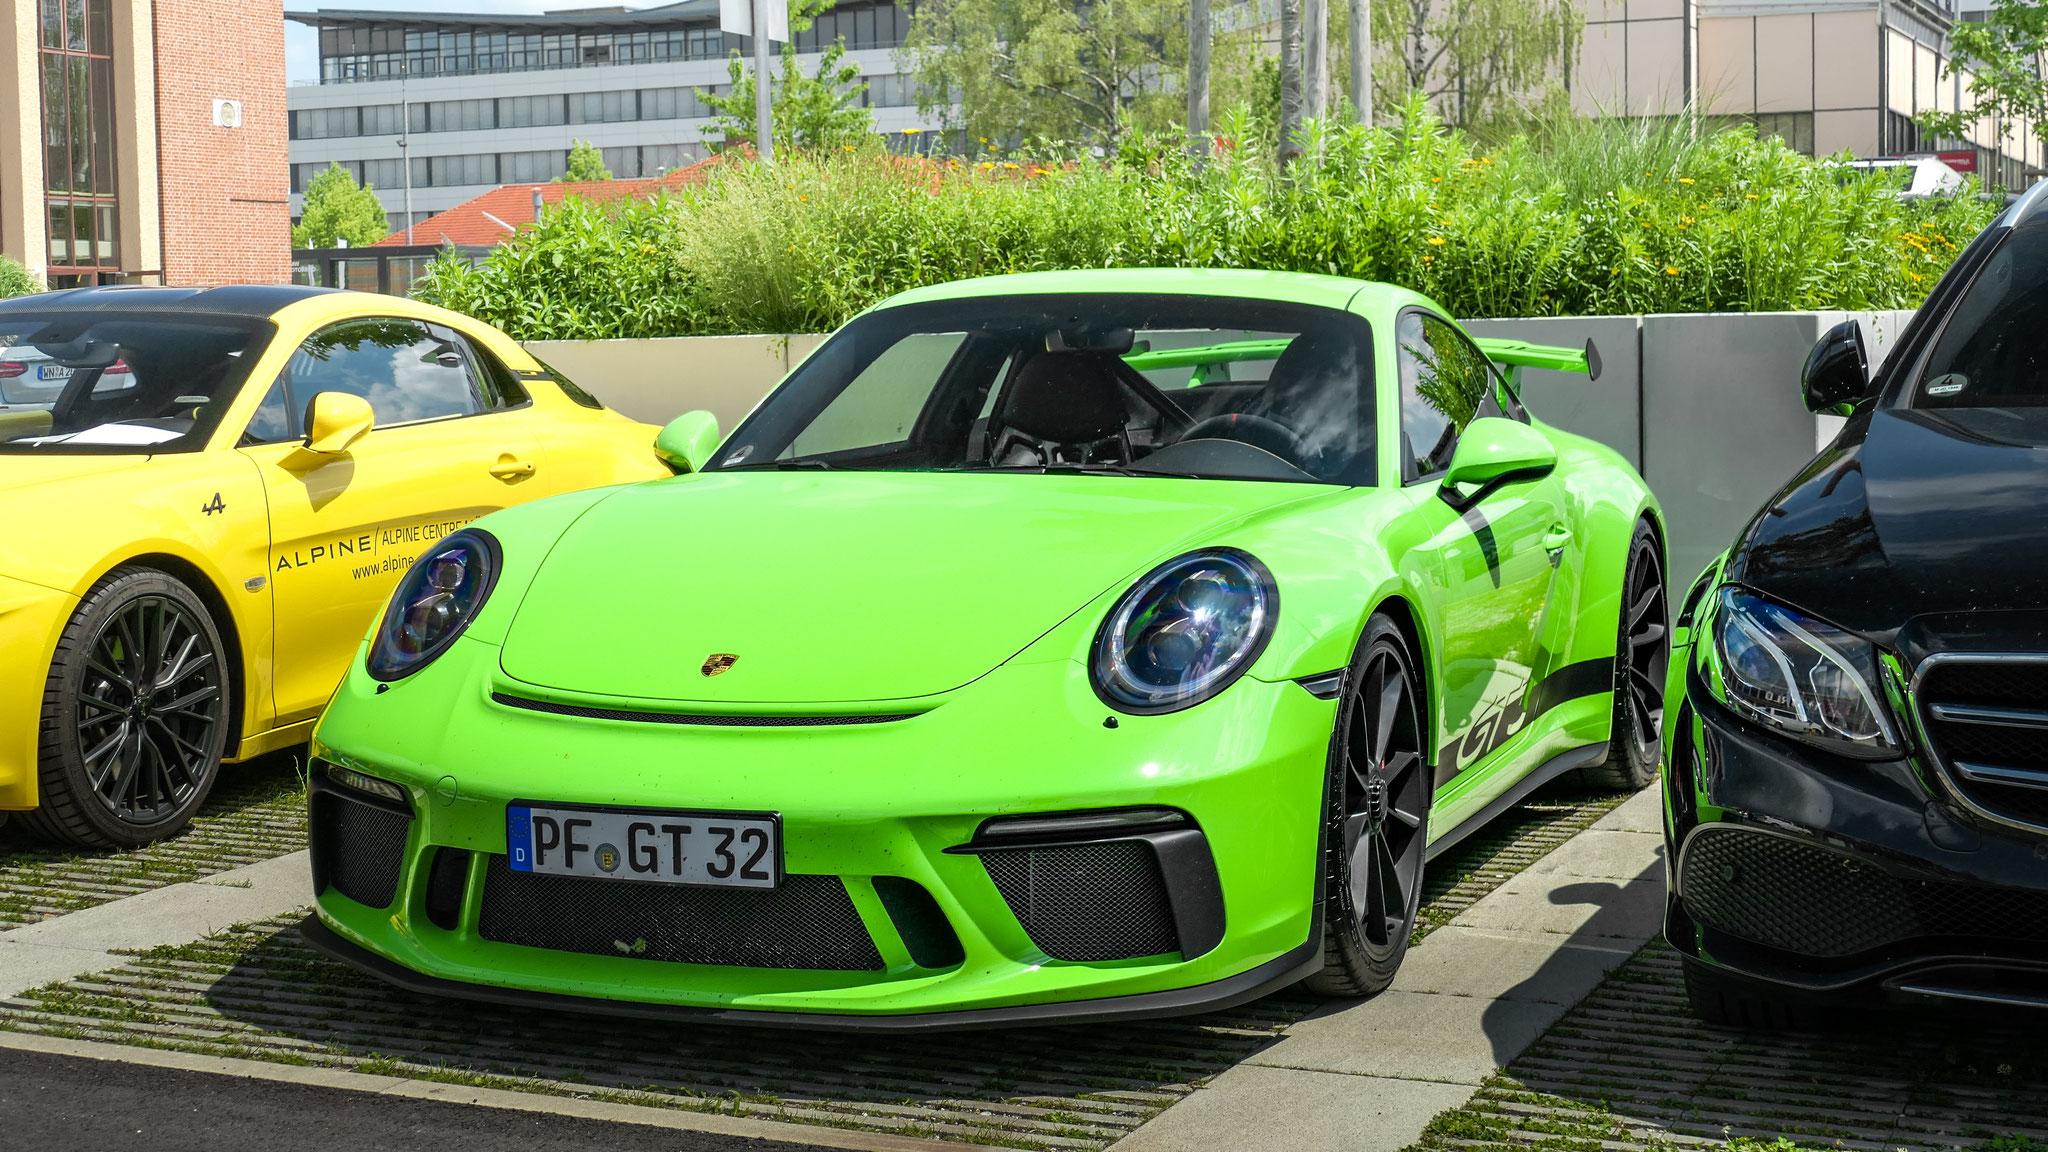 Porsche 991 GT3 - PF-GT-32